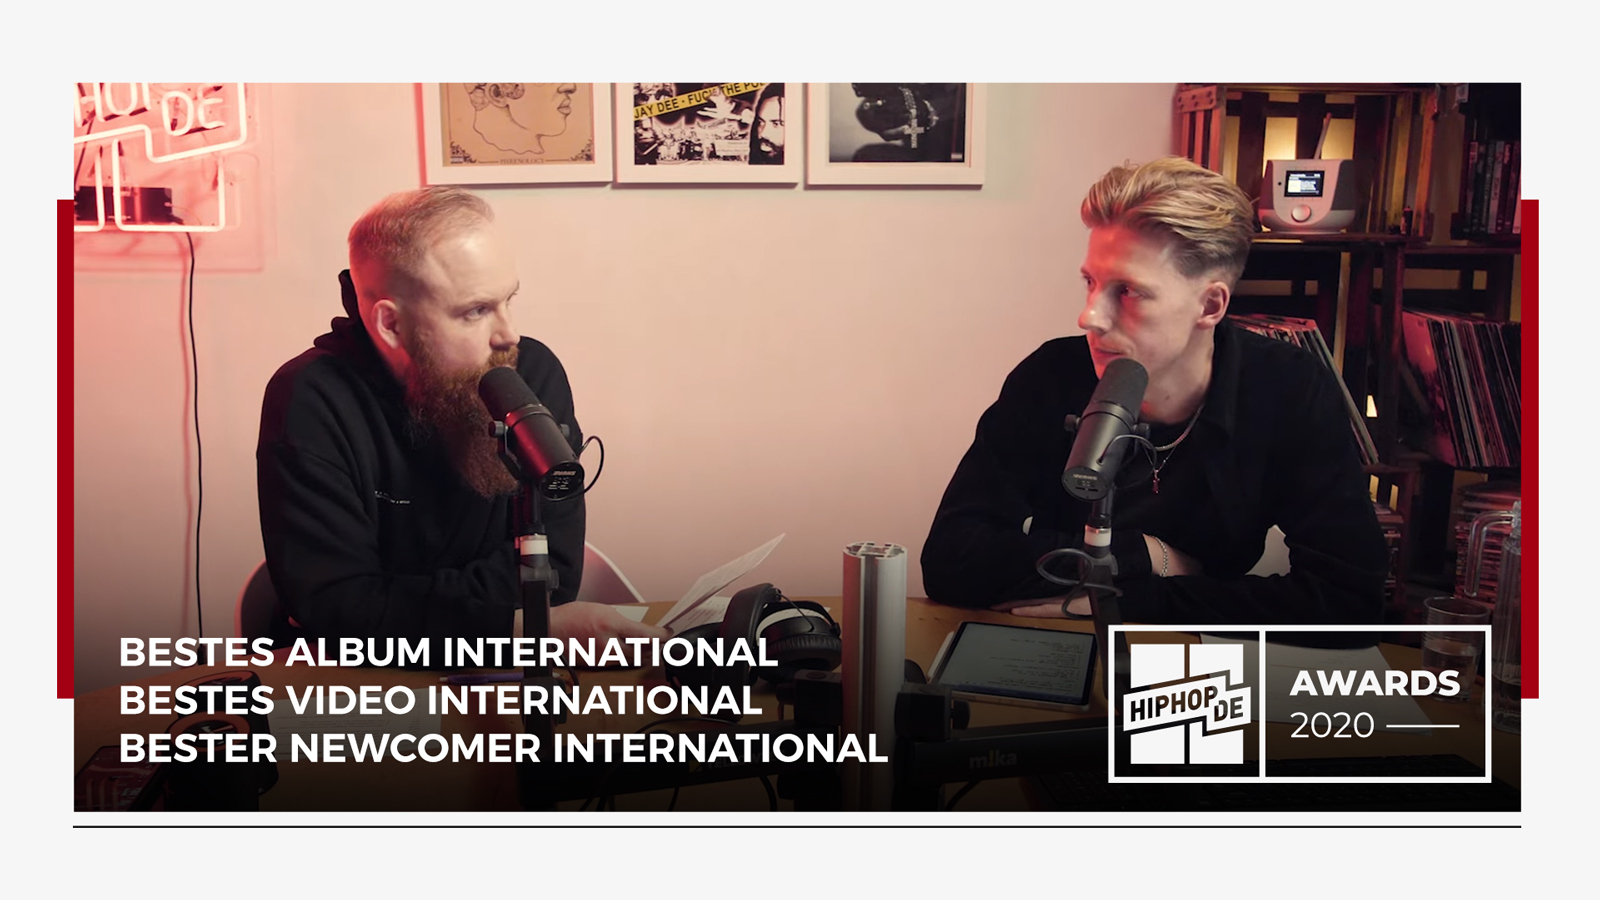 Jahresrückblick: Die besten internationalen Alben, Videos und Newcomer – Hiphop.de Awards 2020 (8/8)